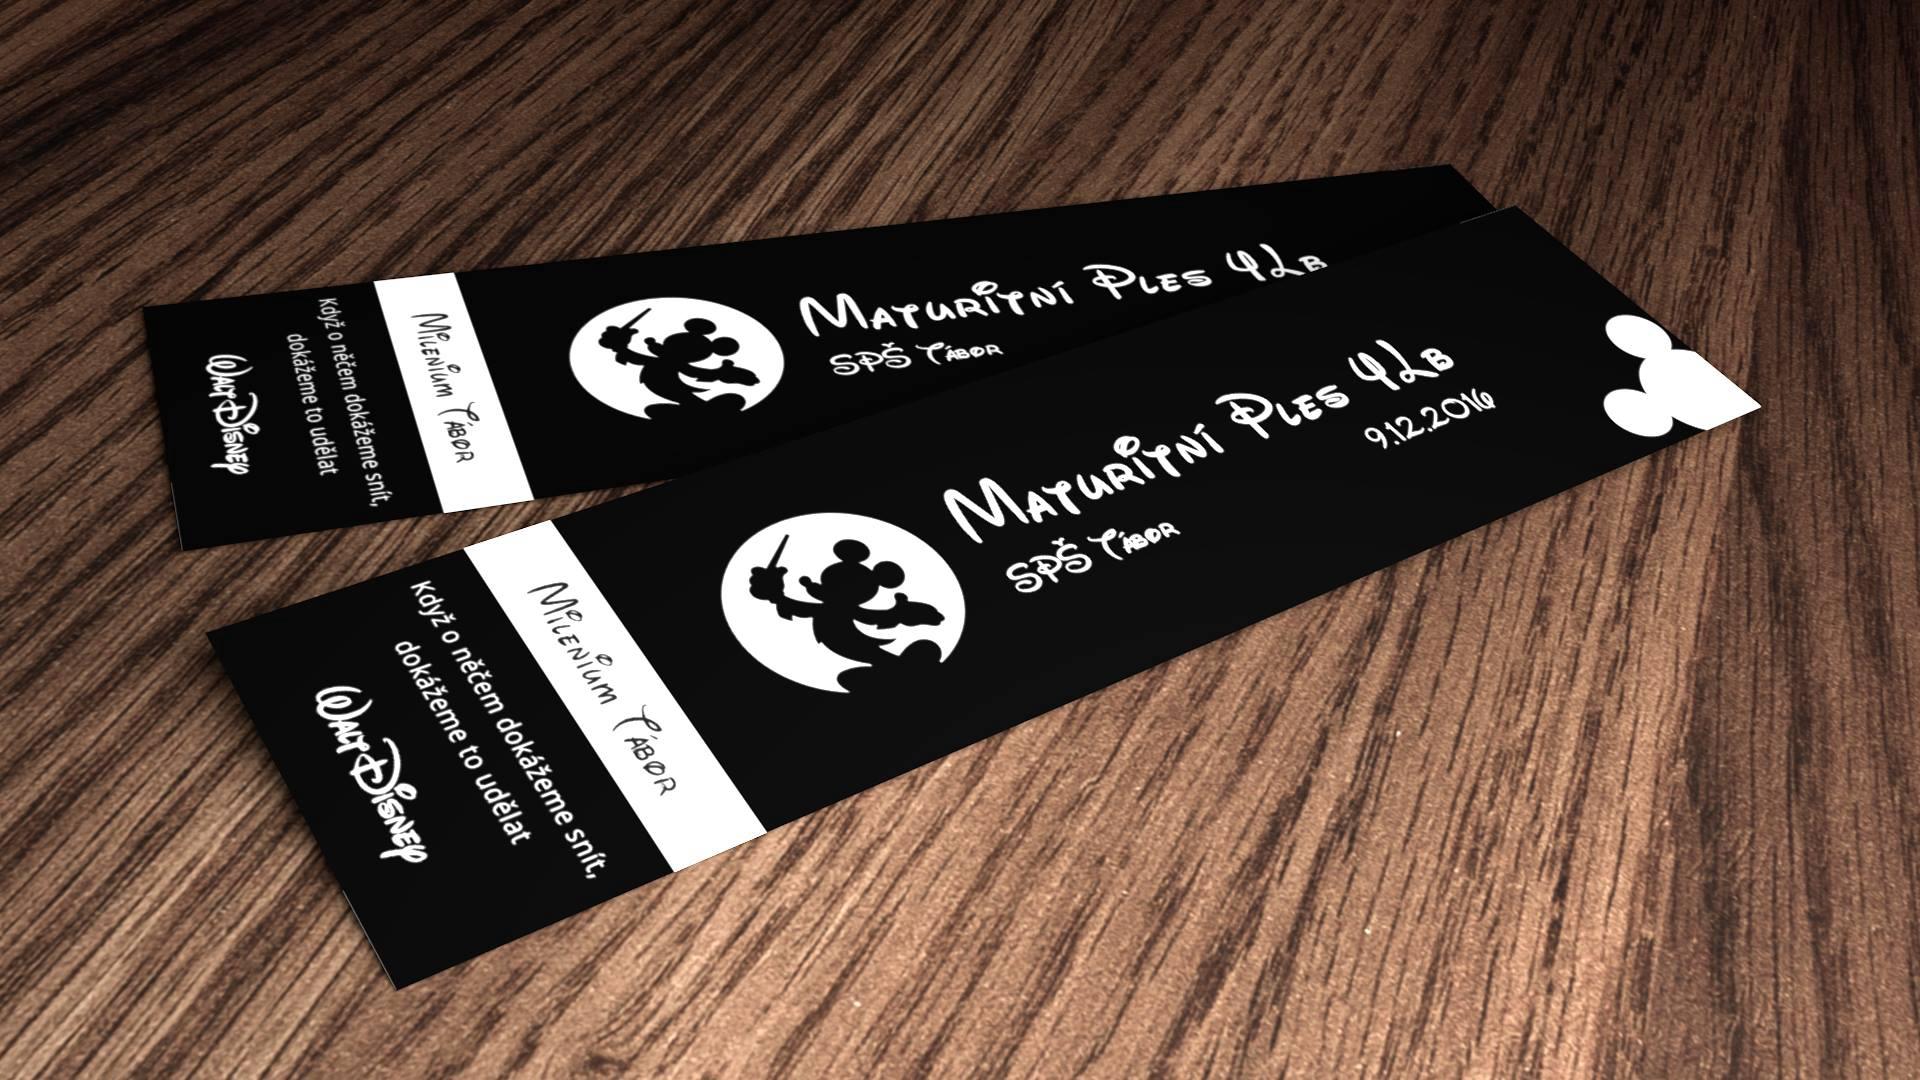 Disney prom tickets by MatthewKautzky on DeviantArt – Prom Tickets Design